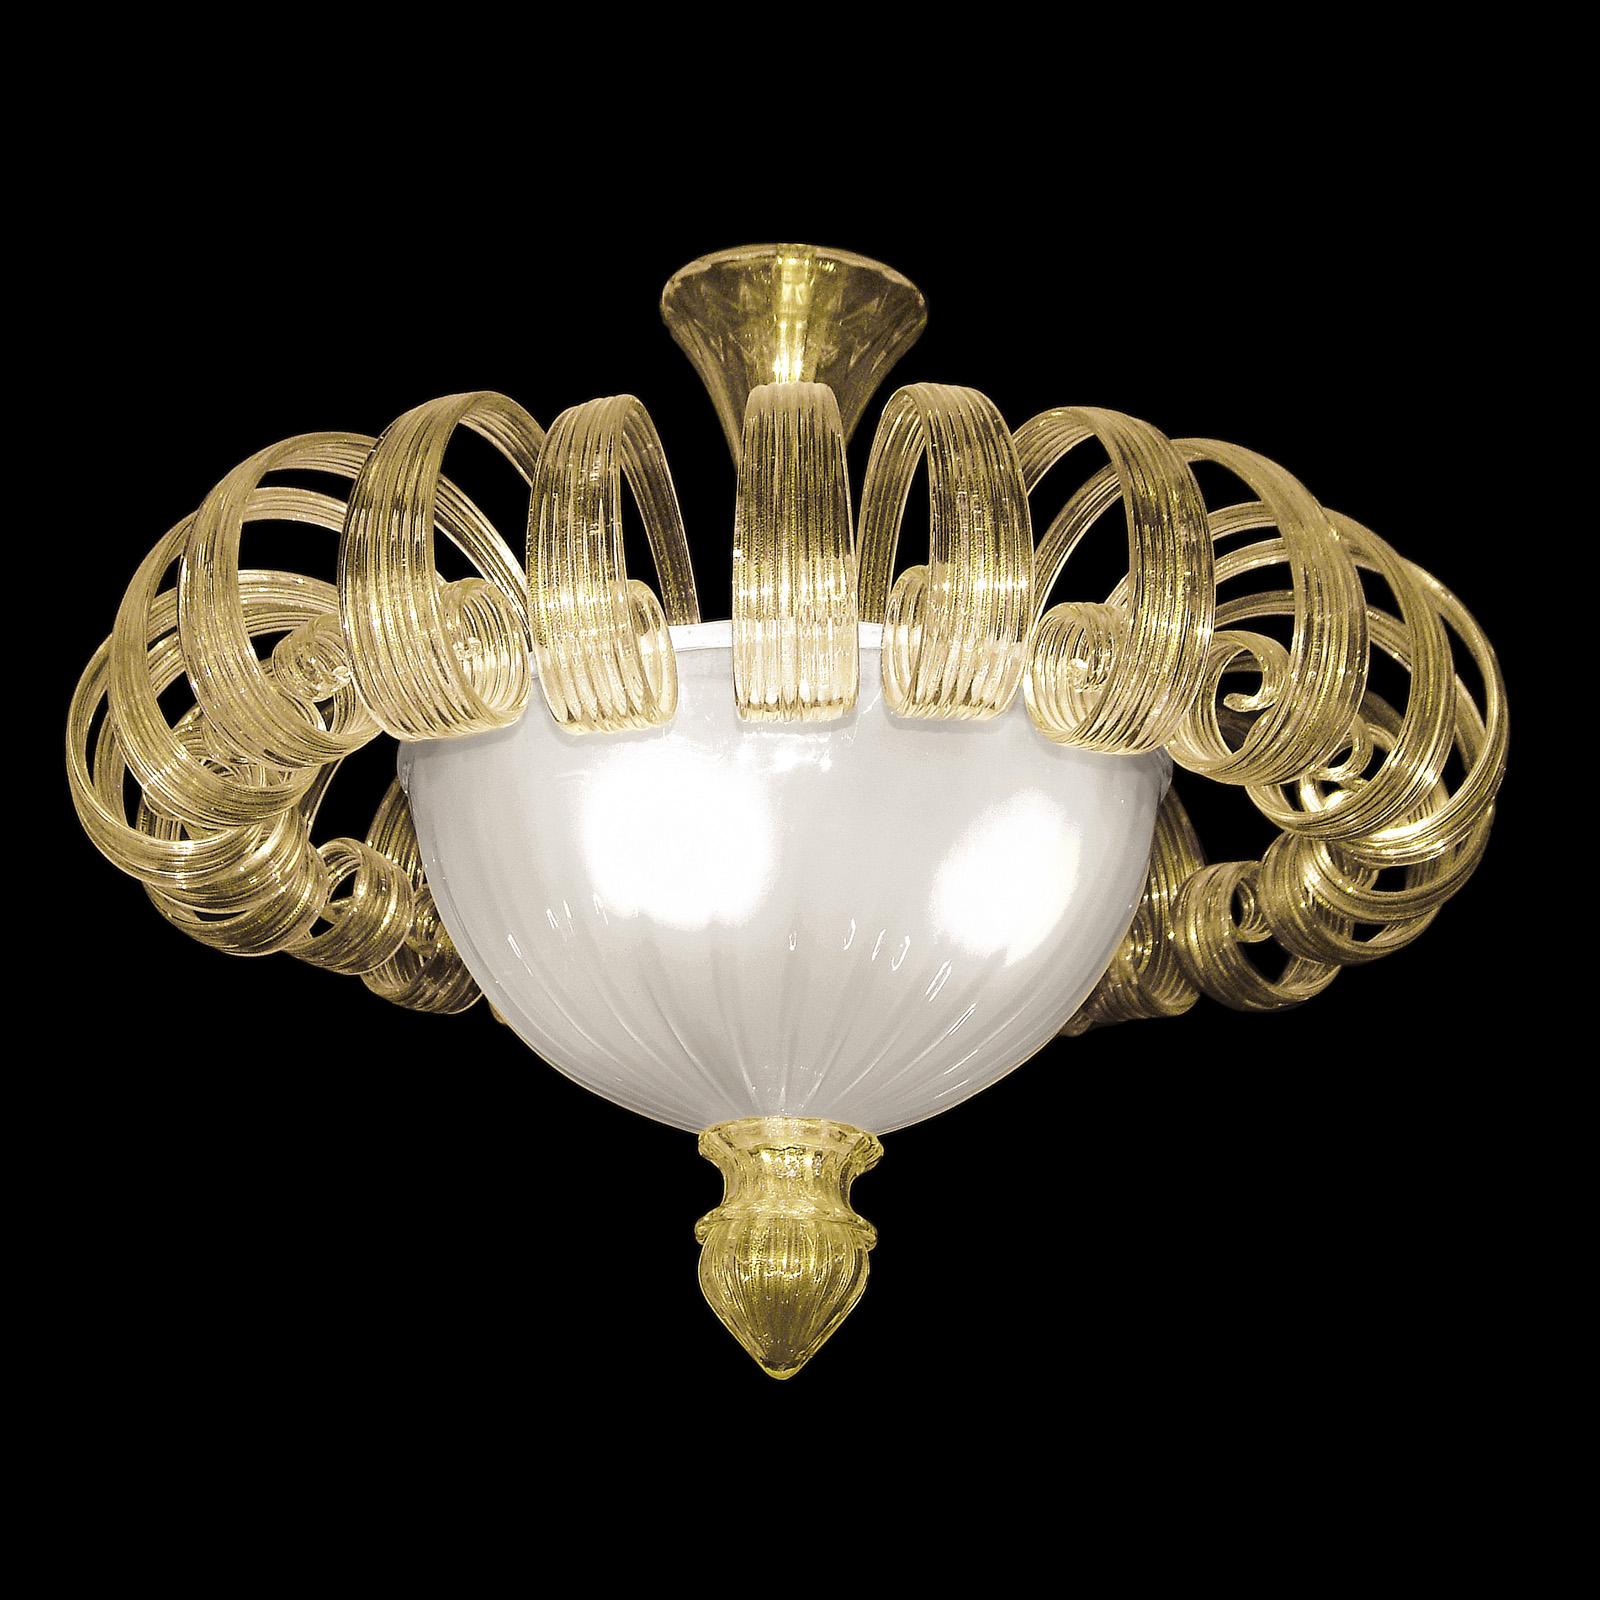 Plafoniere in vetro di murano stile classico lucevetro for Graniglia di vetro